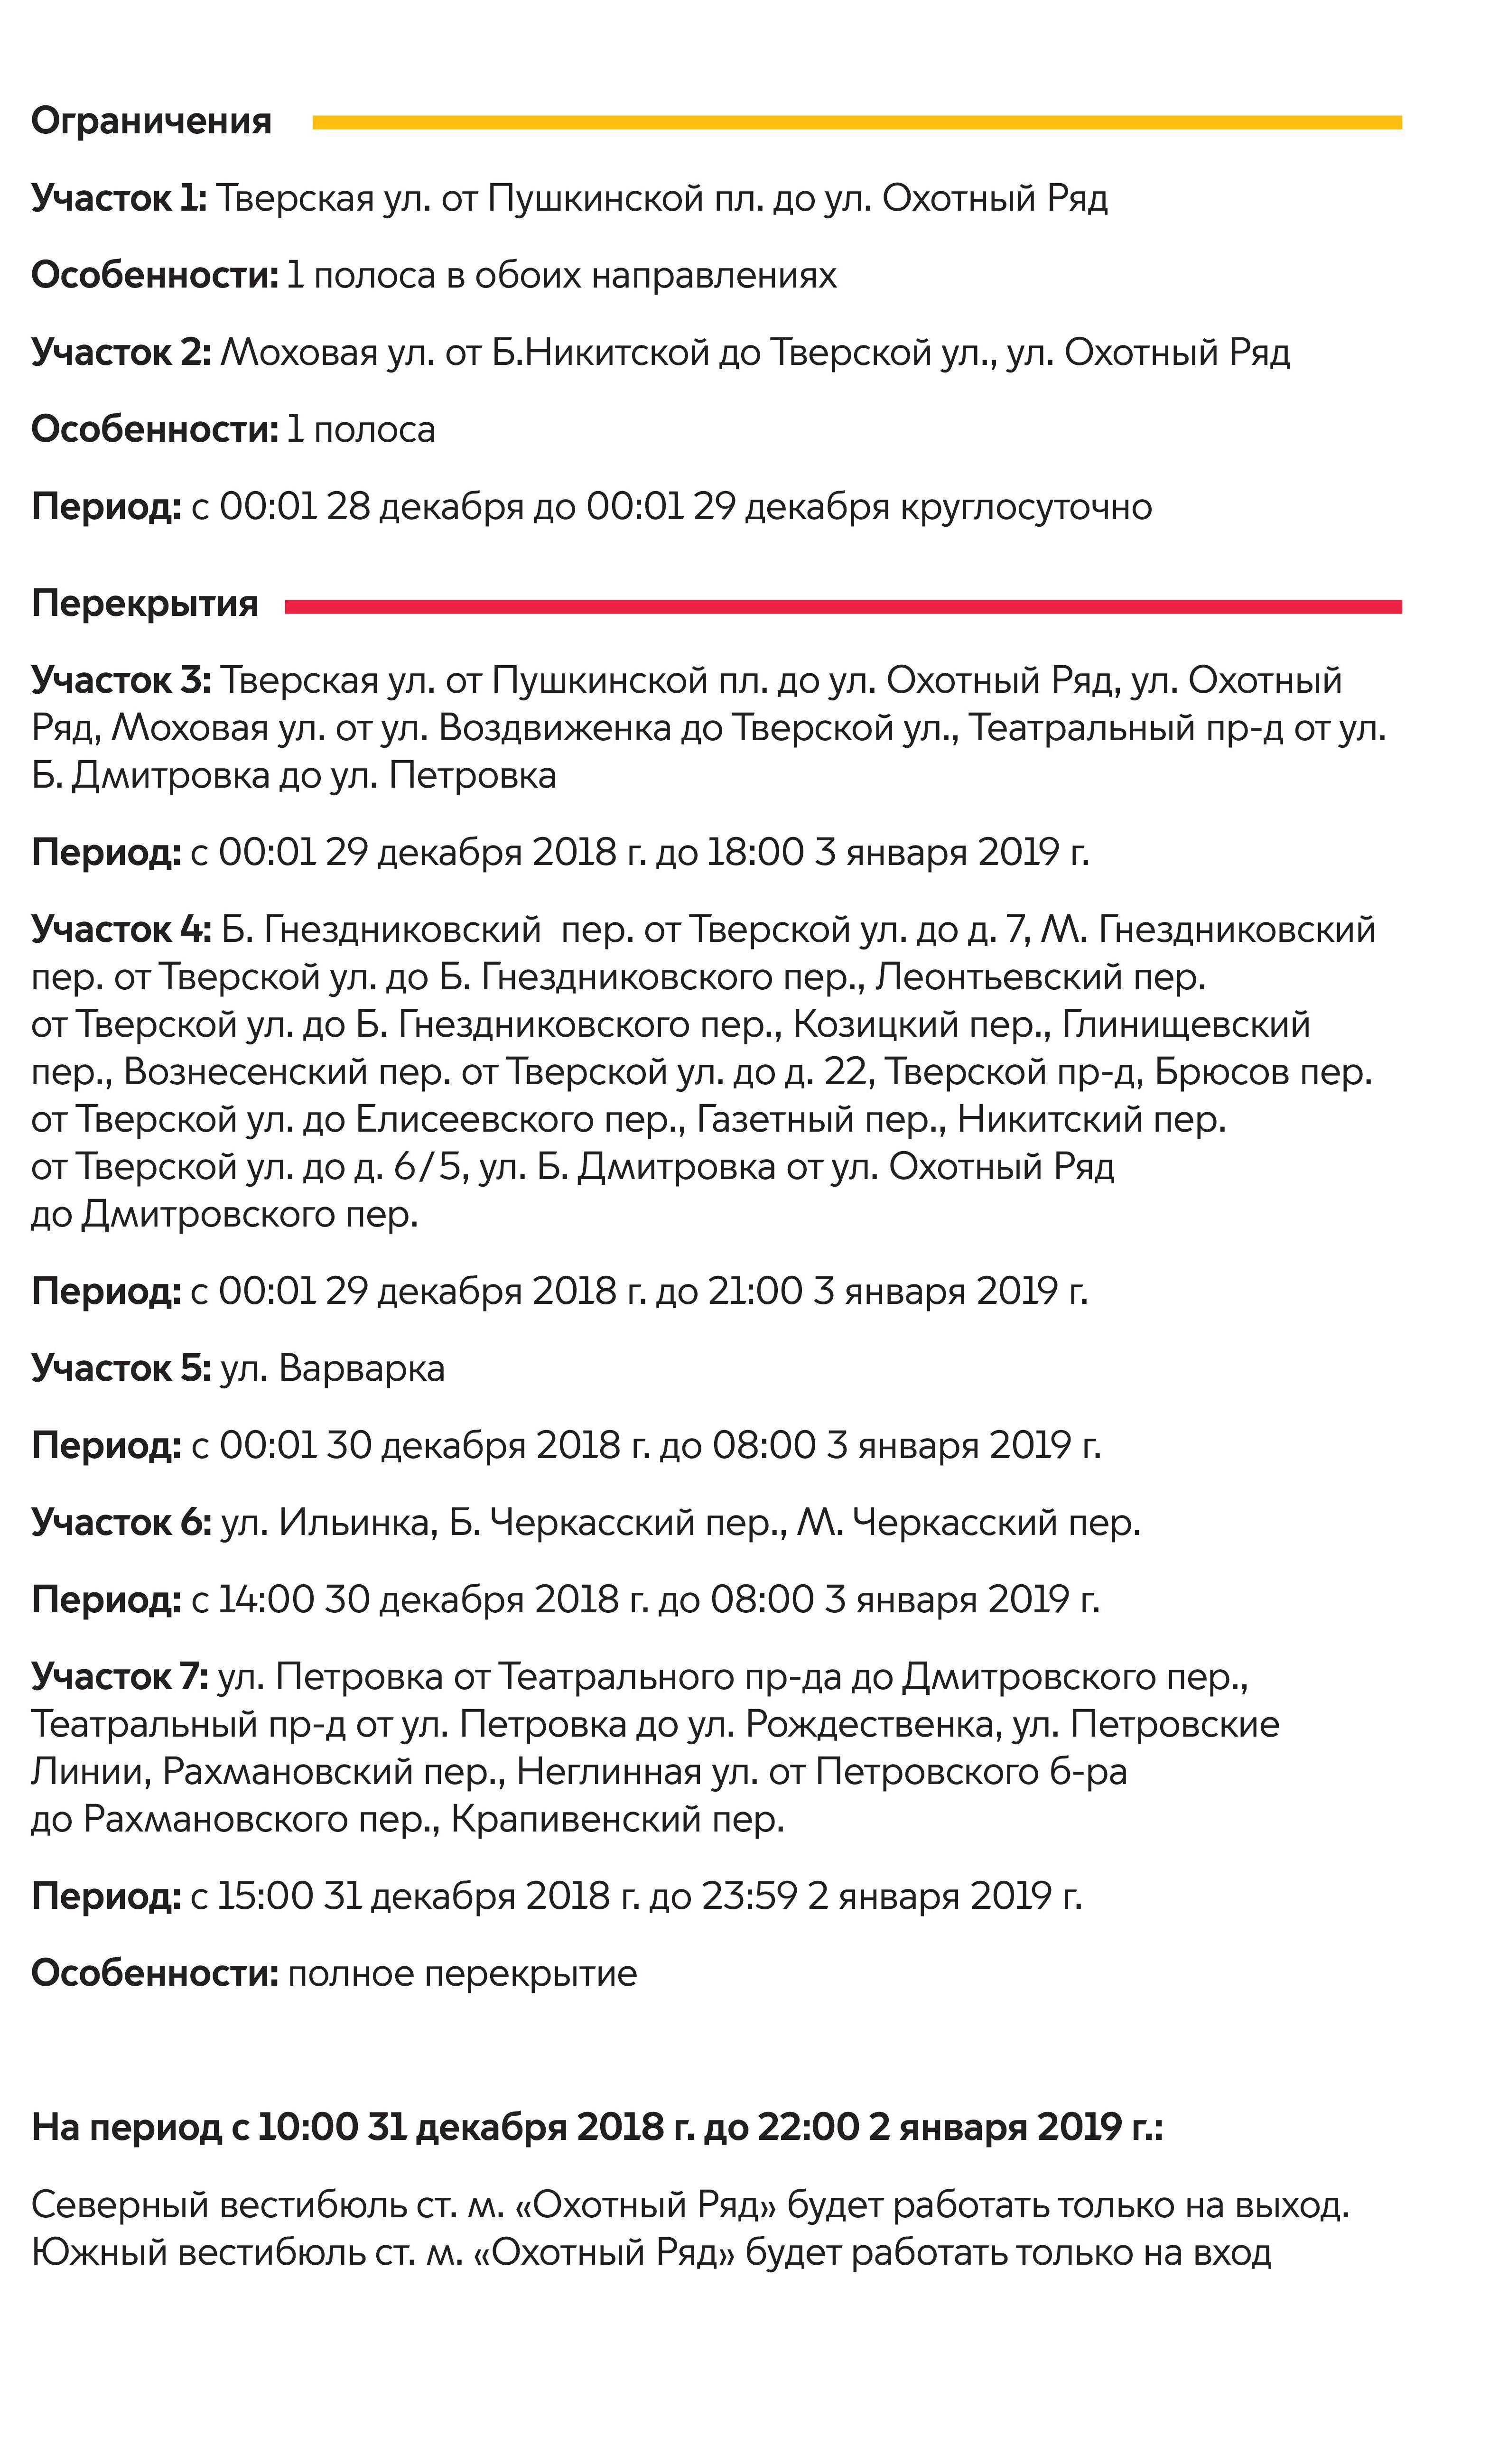 Схема перекрытия дорог в центре Москве в декабре 2019 года